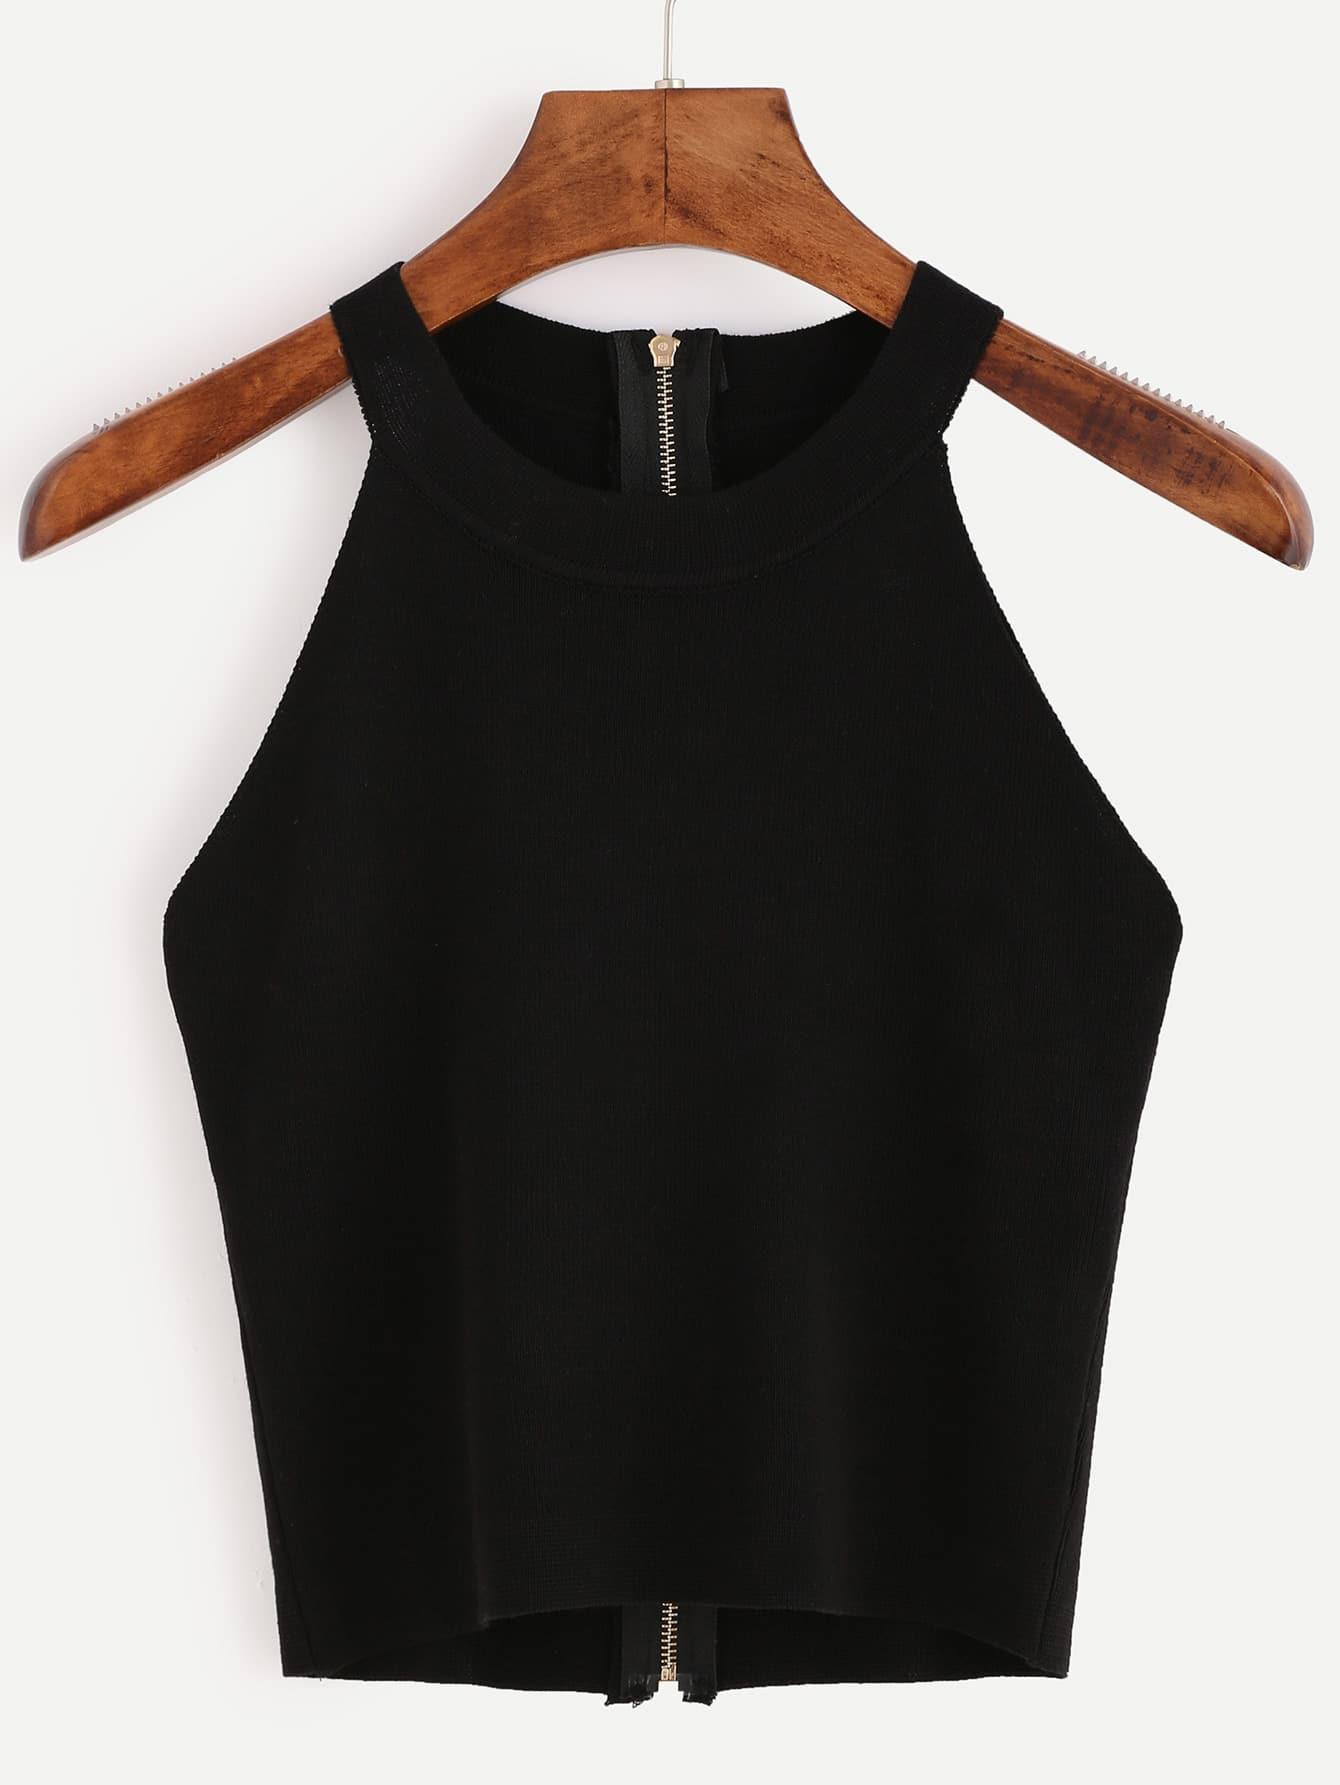 Black Zip Back Knit Halter Neck Top